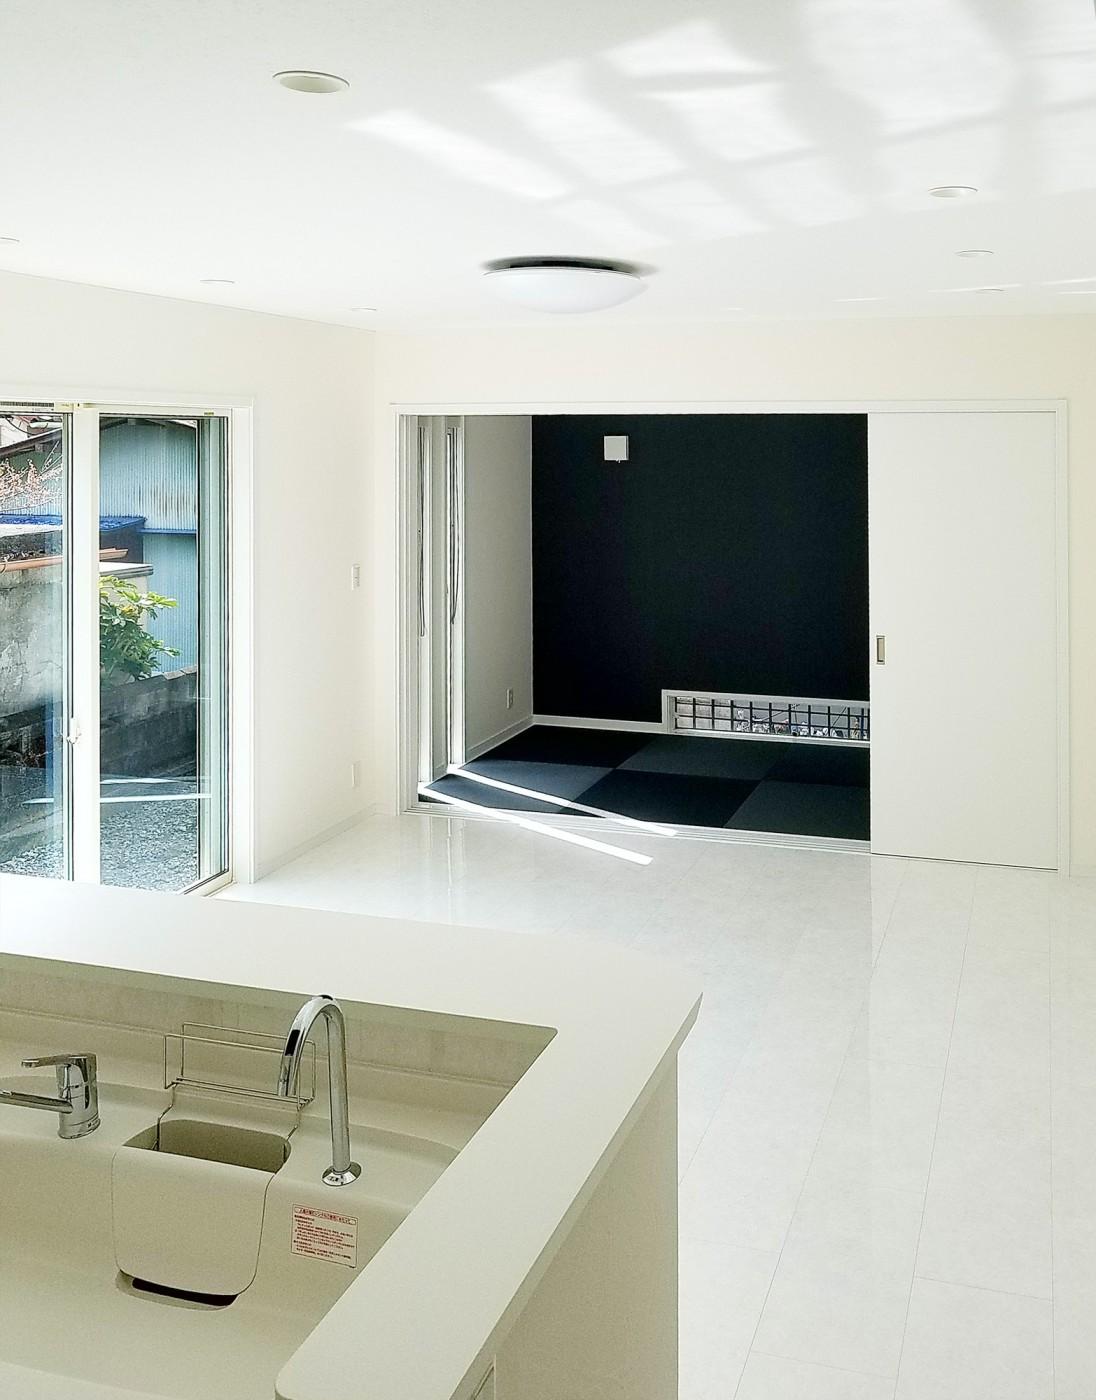 リビング続きの和室で多目的スペースができます。